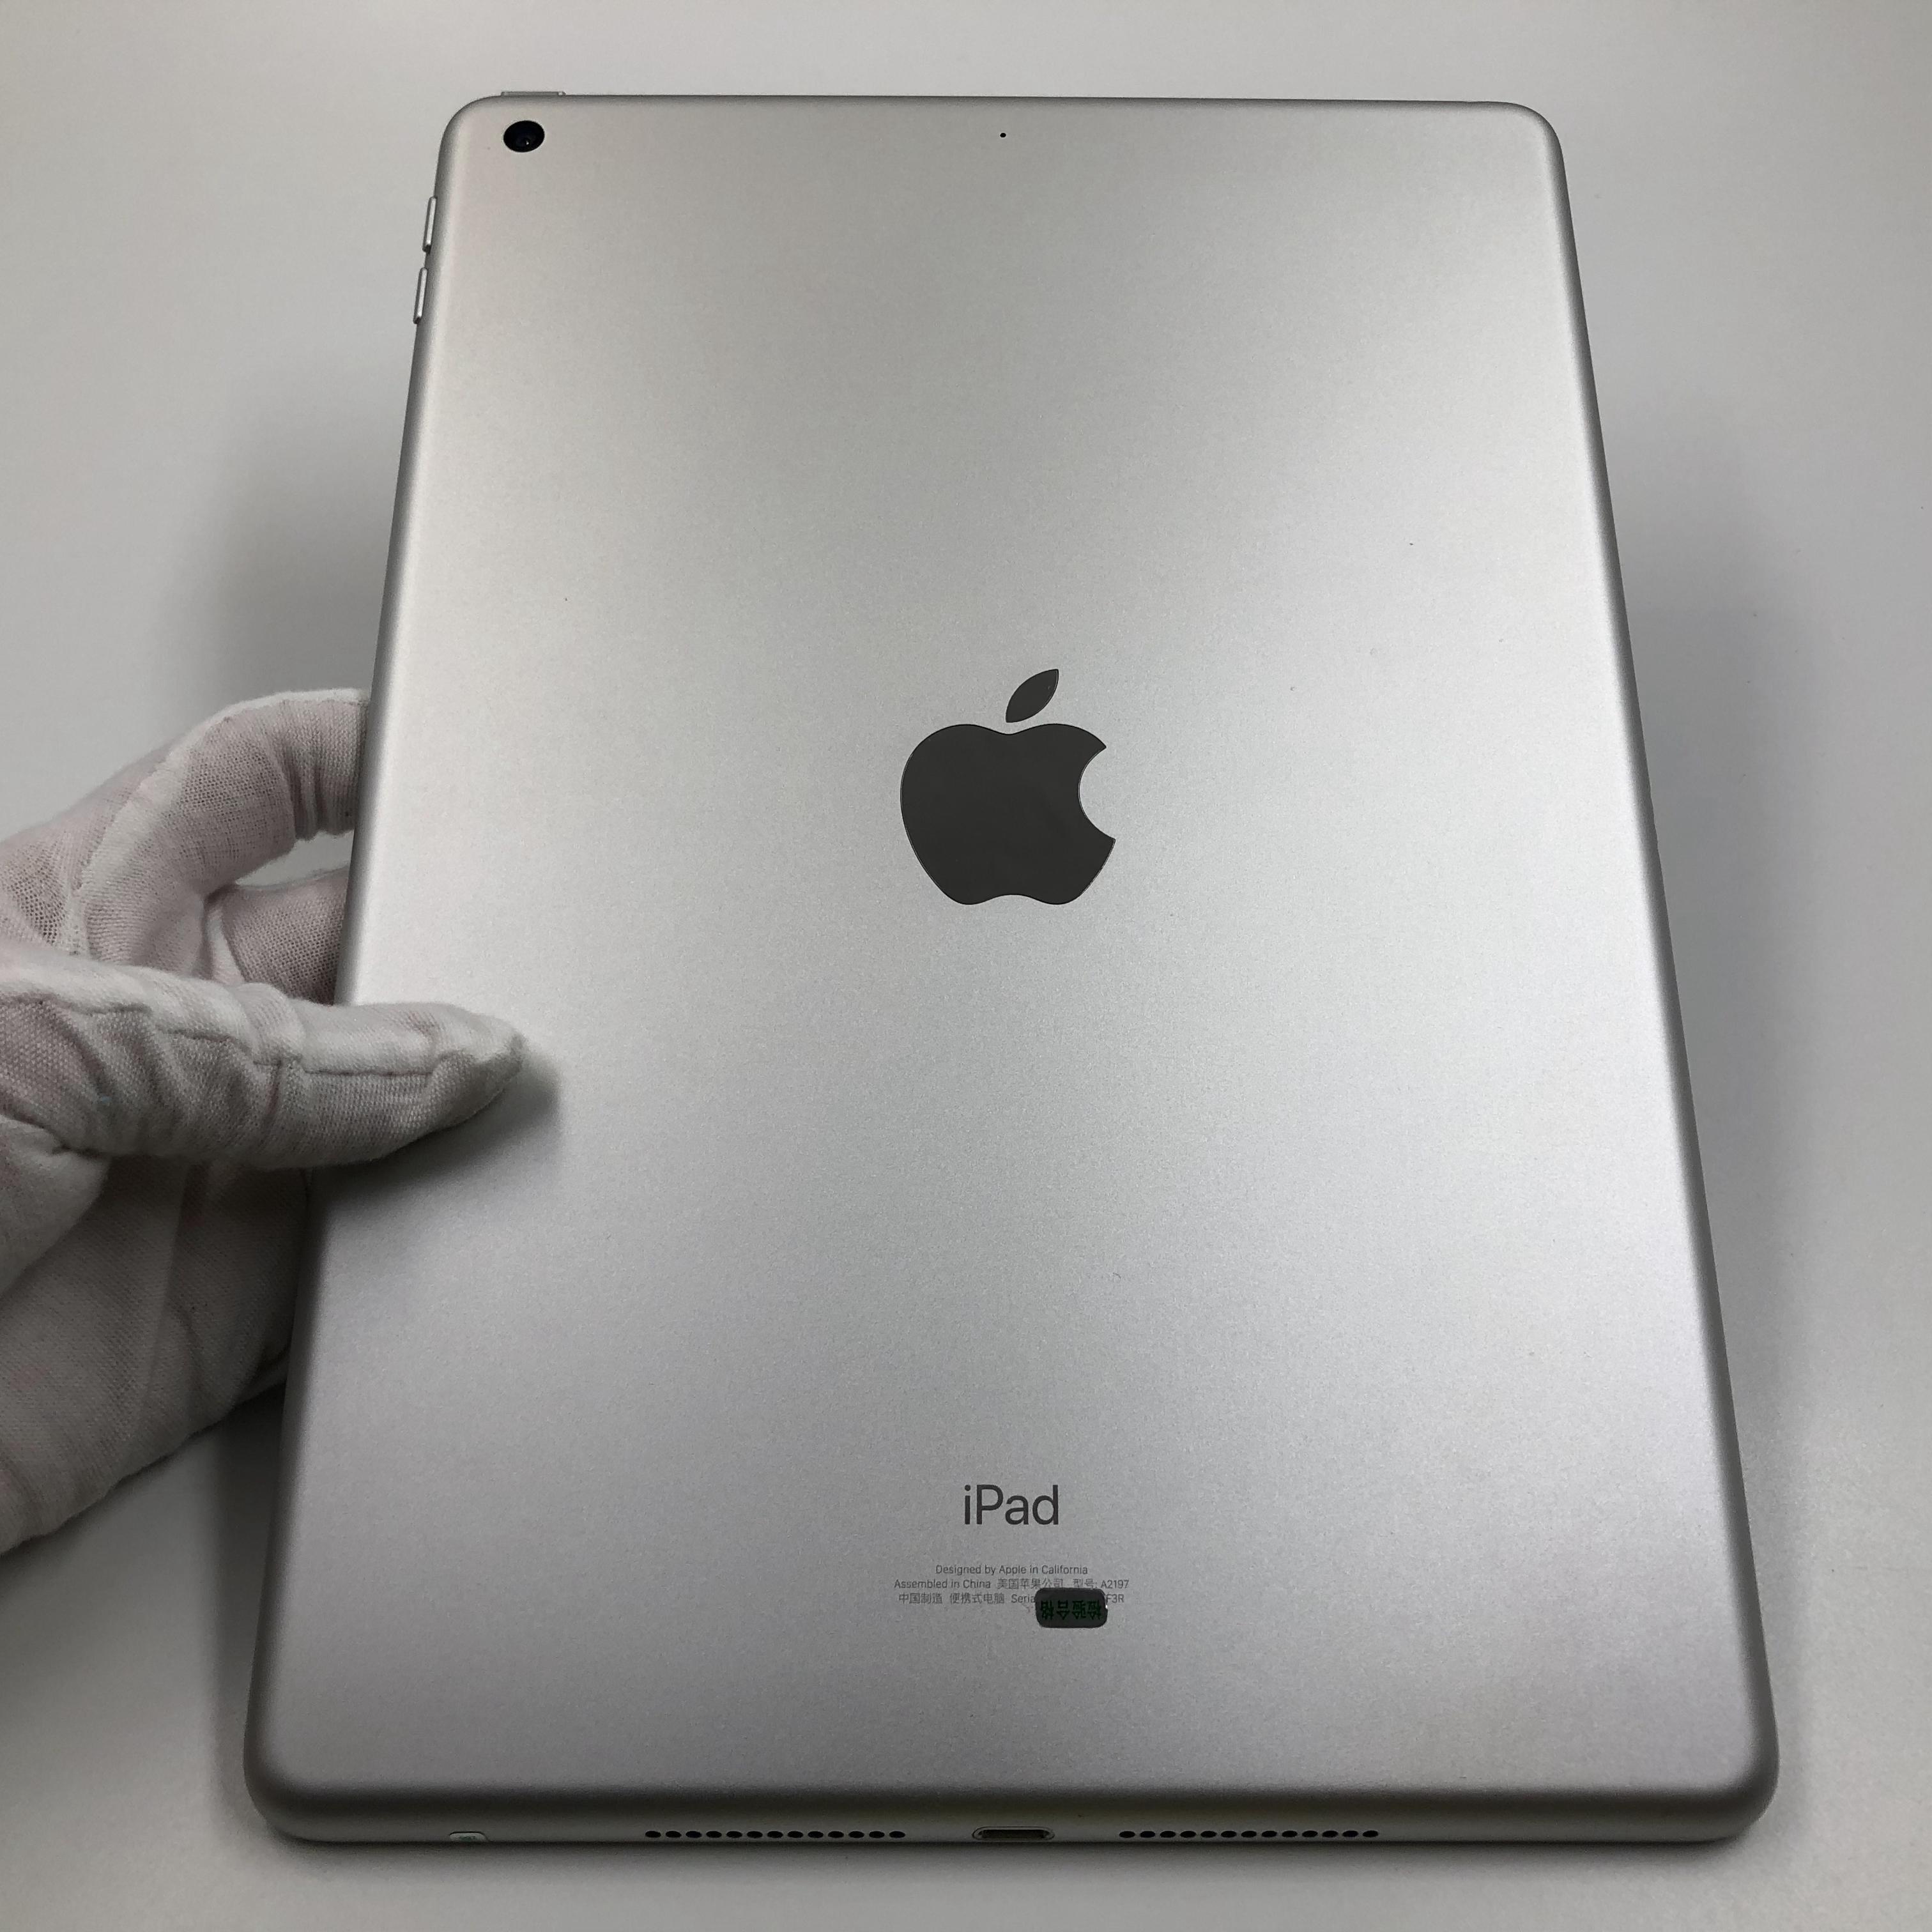 苹果【iPad 2019款10.2英寸】WIFI版 银色 32G 国行 9成新 真机实拍官保2021-12-16